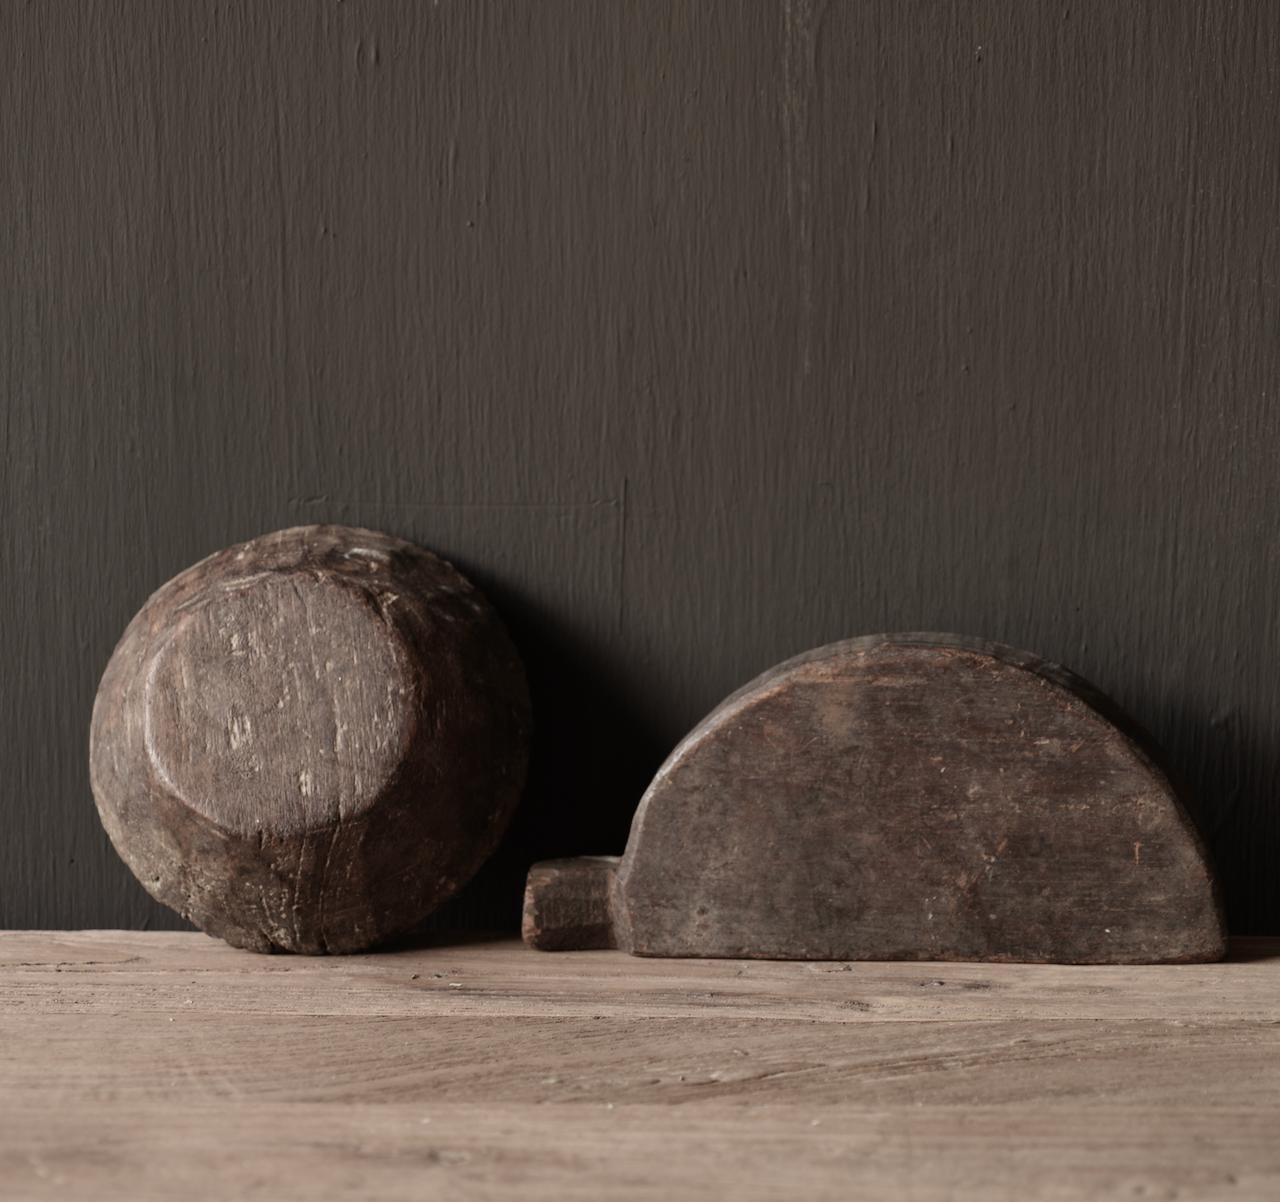 Alte nepalesische Gewürzkiste aus Holz-5